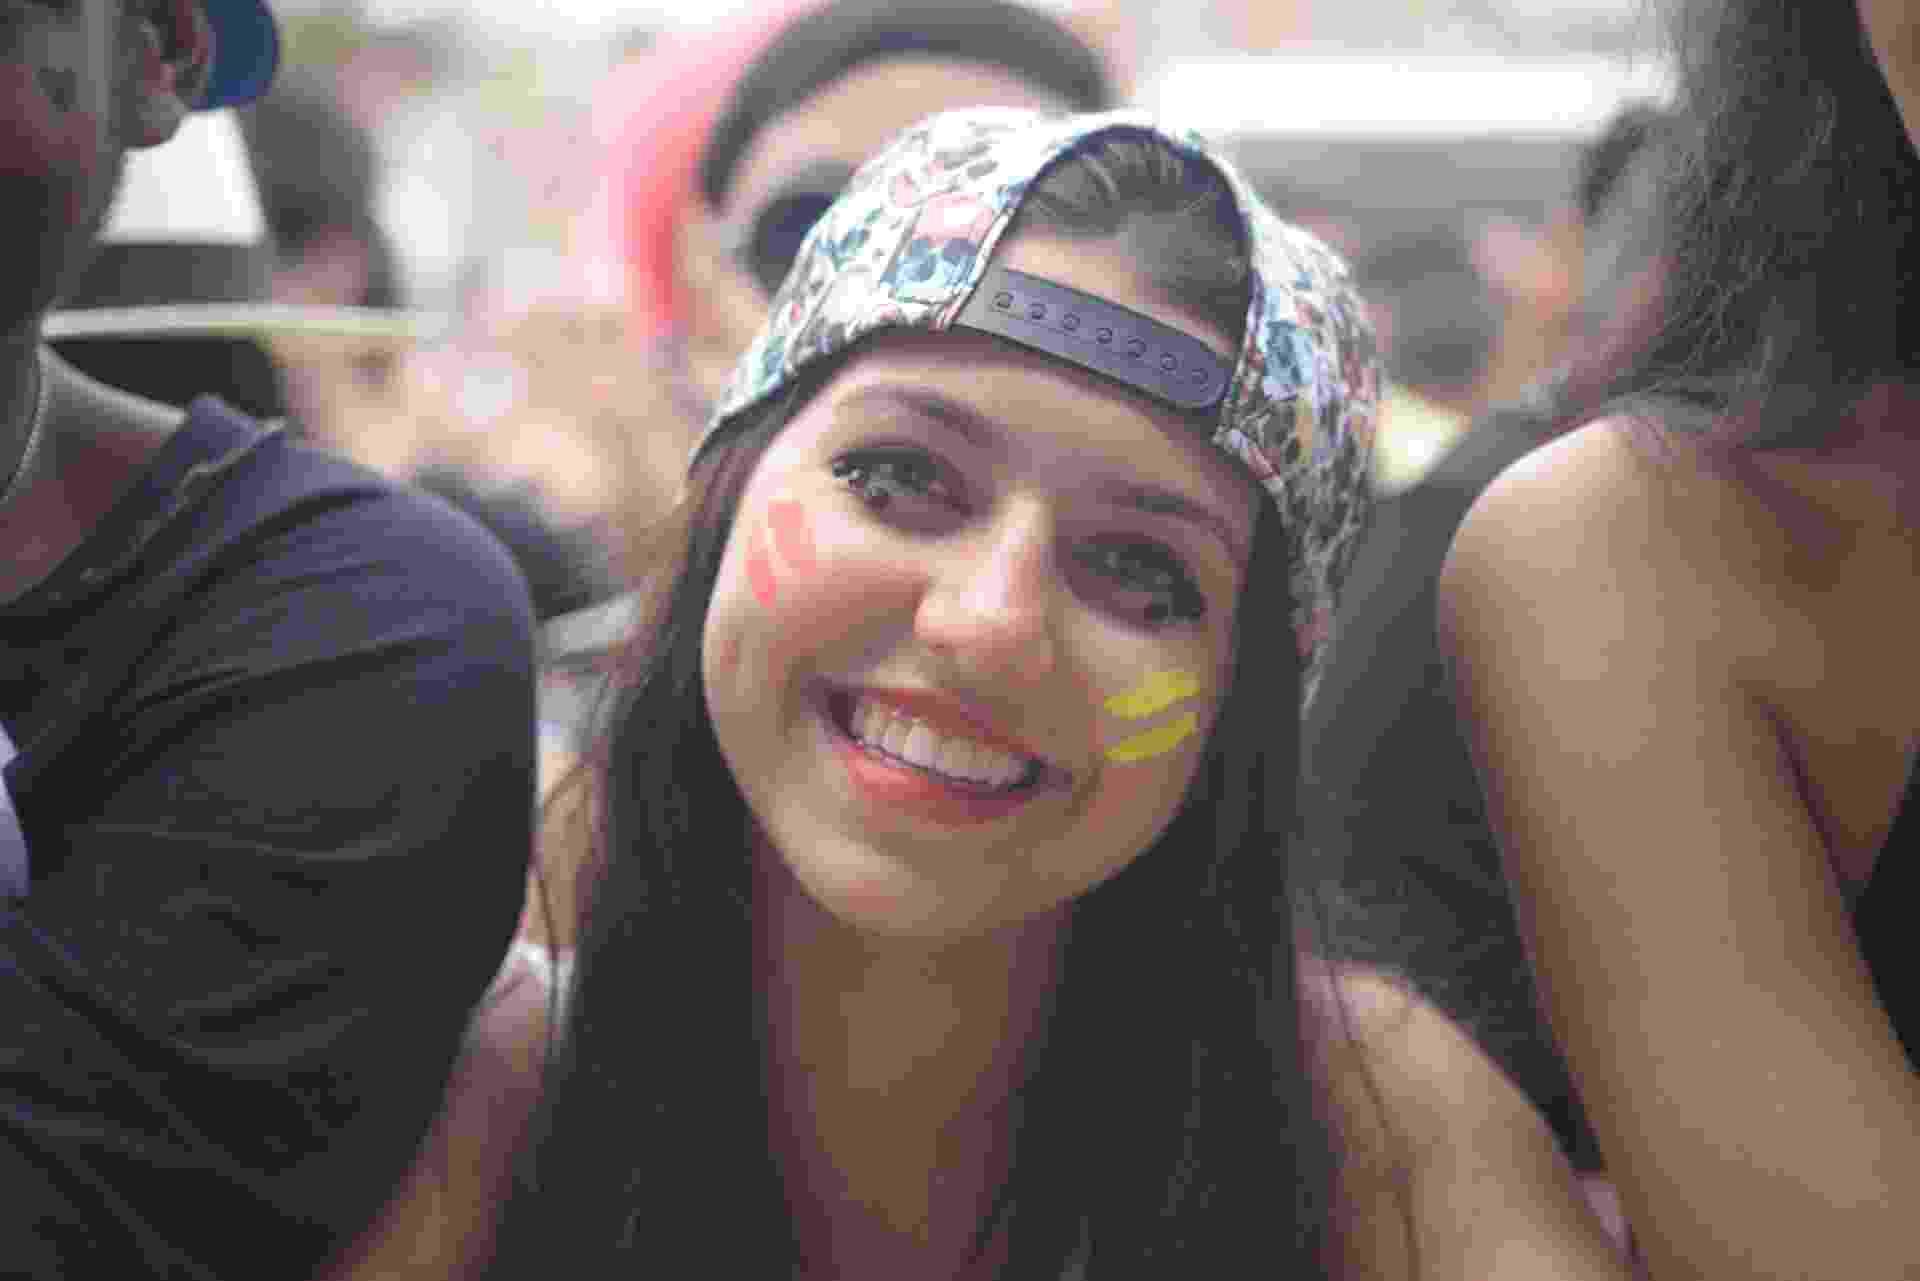 """13.mar.2016 - A mineira de Varginha, Bianca Davanzo, 17, que no ano passado foi a primeira da fila para entrar no Lollapalooza só para ver o show da Marina and the Diamonds, cancelado em cima da hora, voltou este ano ao festival para finalmente realizar o sonho de ver a artista. """"É impossível deixar de ser fã da Marina e neste ano eu voltei ao Lolla só para finalmente vê-la"""", disse a estudante. """"Eu chorei muito mais este ano quando a vi no palco. Foi uma emoção incrível"""" - Rafael Roncato/UOL"""